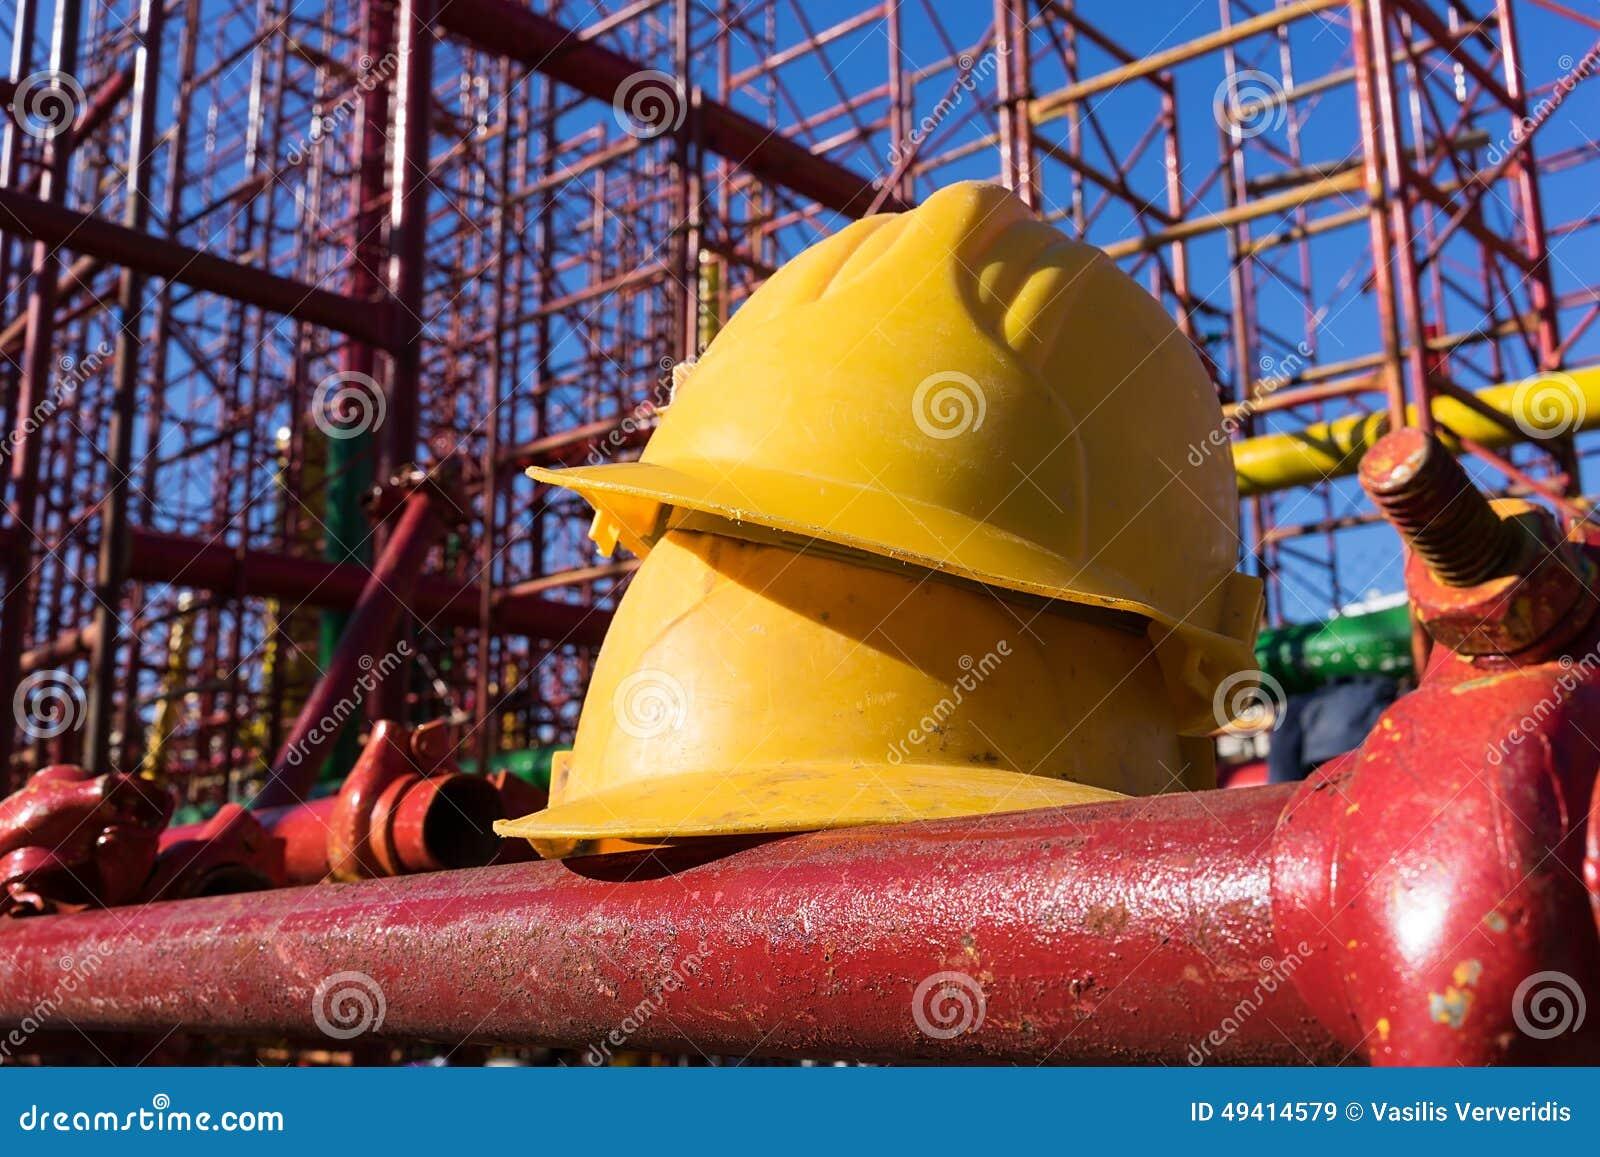 Download Gelber Hardhat Auf Baustelle Stockbild - Bild von aktivität, schutz: 49414579